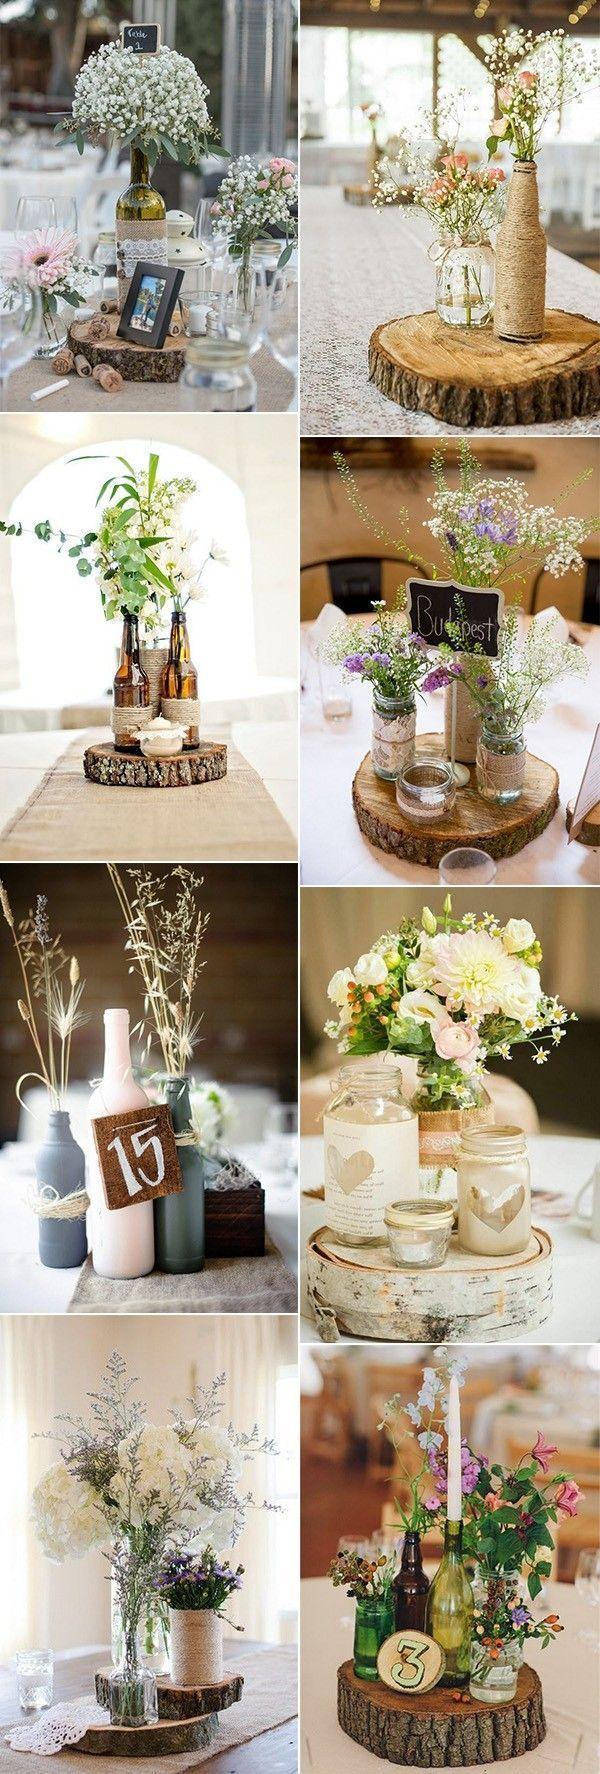 ideas elegantes de la boda de las botellas de vino rústicas #weddingideas #weddingd …